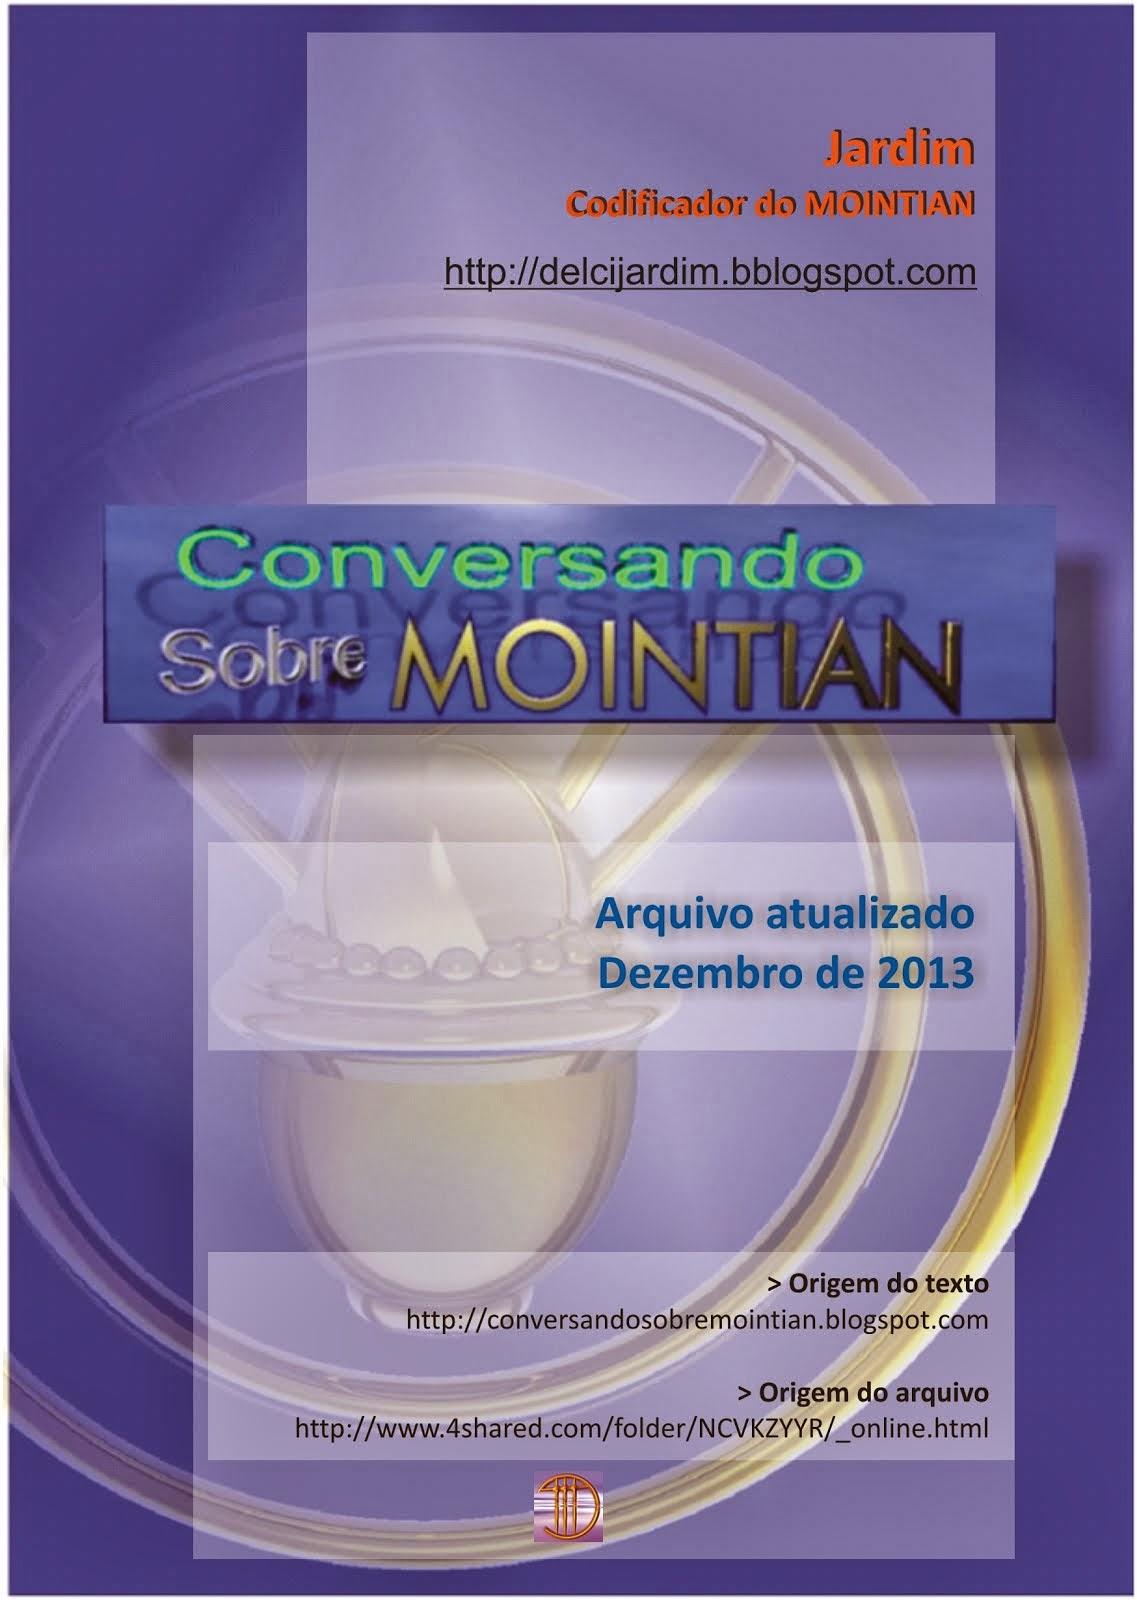 Conversando Sobre MOINTIAN em PDF 2013